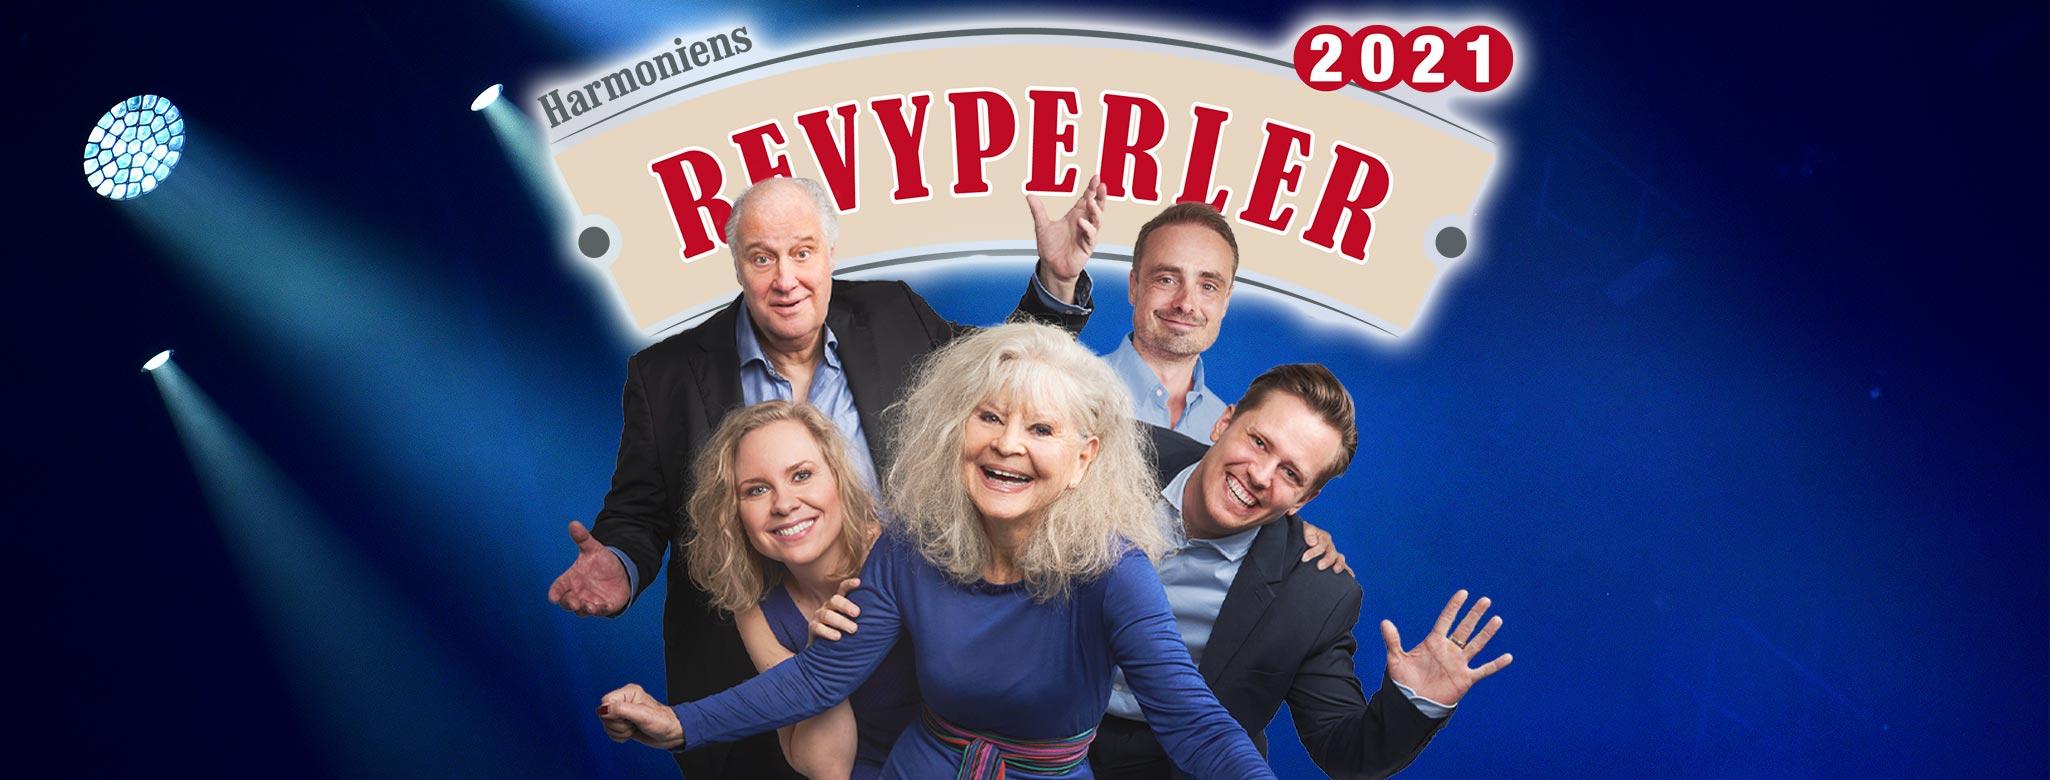 Anmeldelse: Harmoniens Revyperler 2021, Restaurant Harmonien (Harmoniens Revyperler)